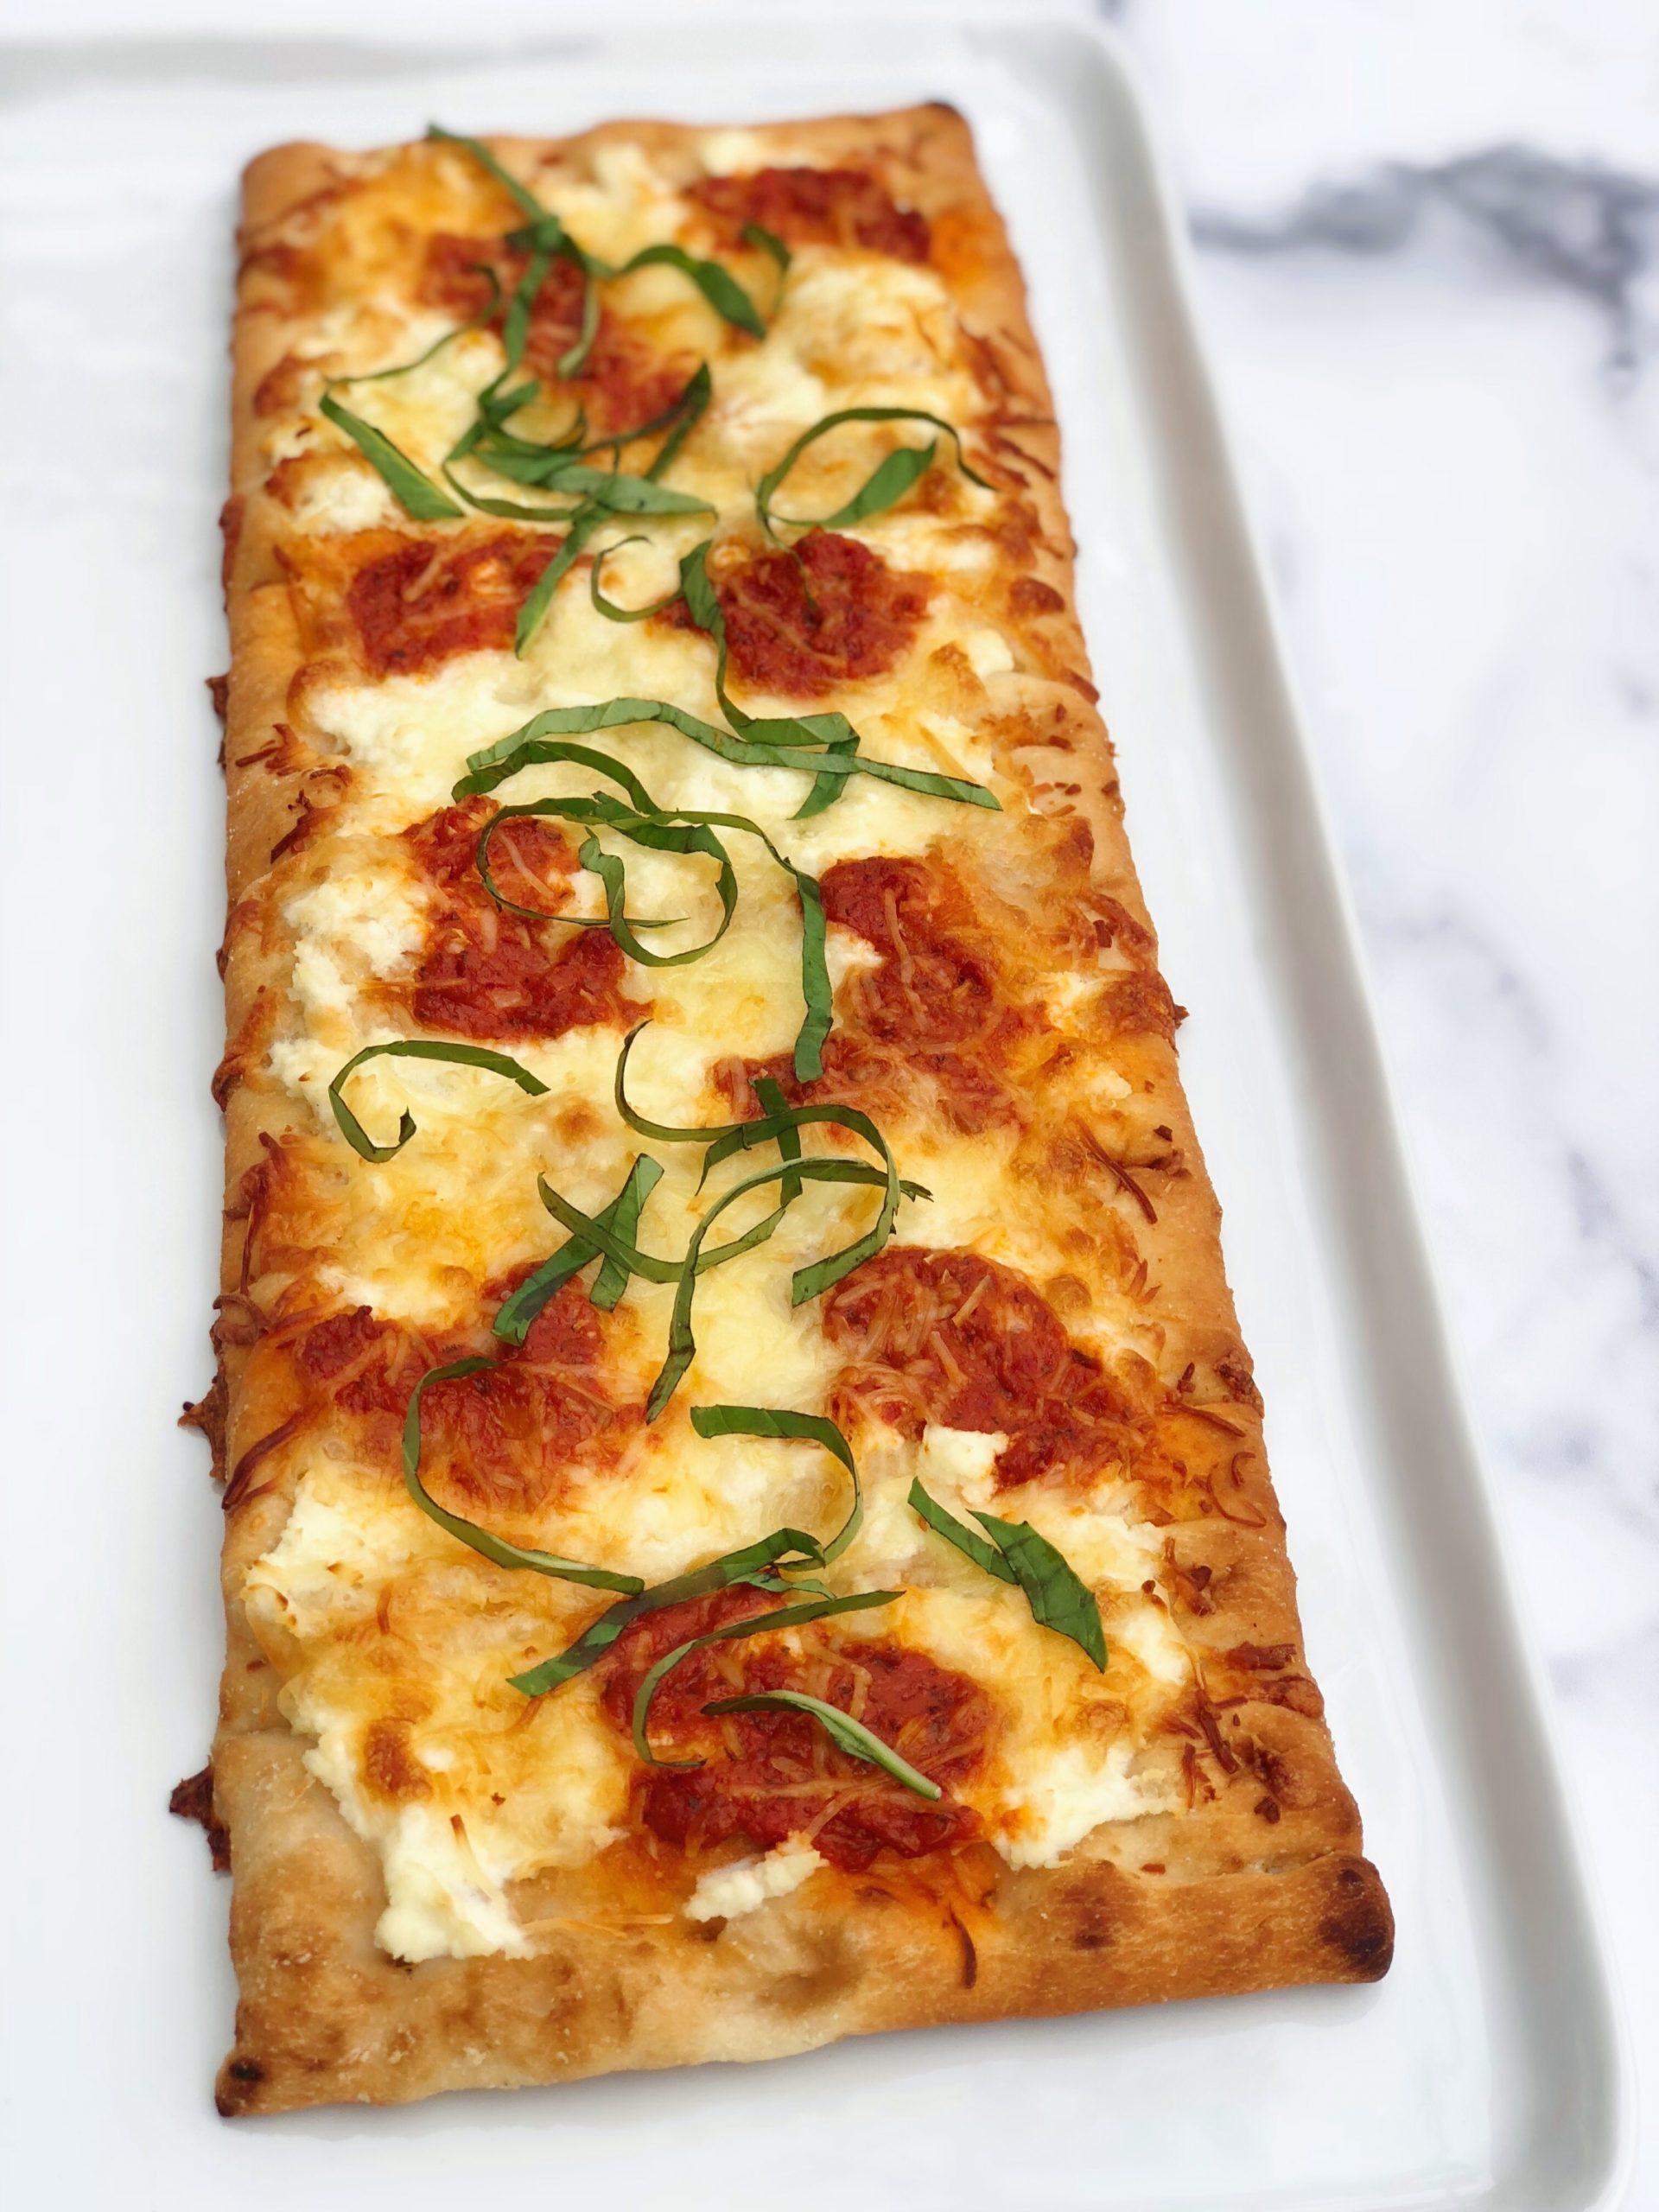 Three Cheese and Chili Pesto Pizza